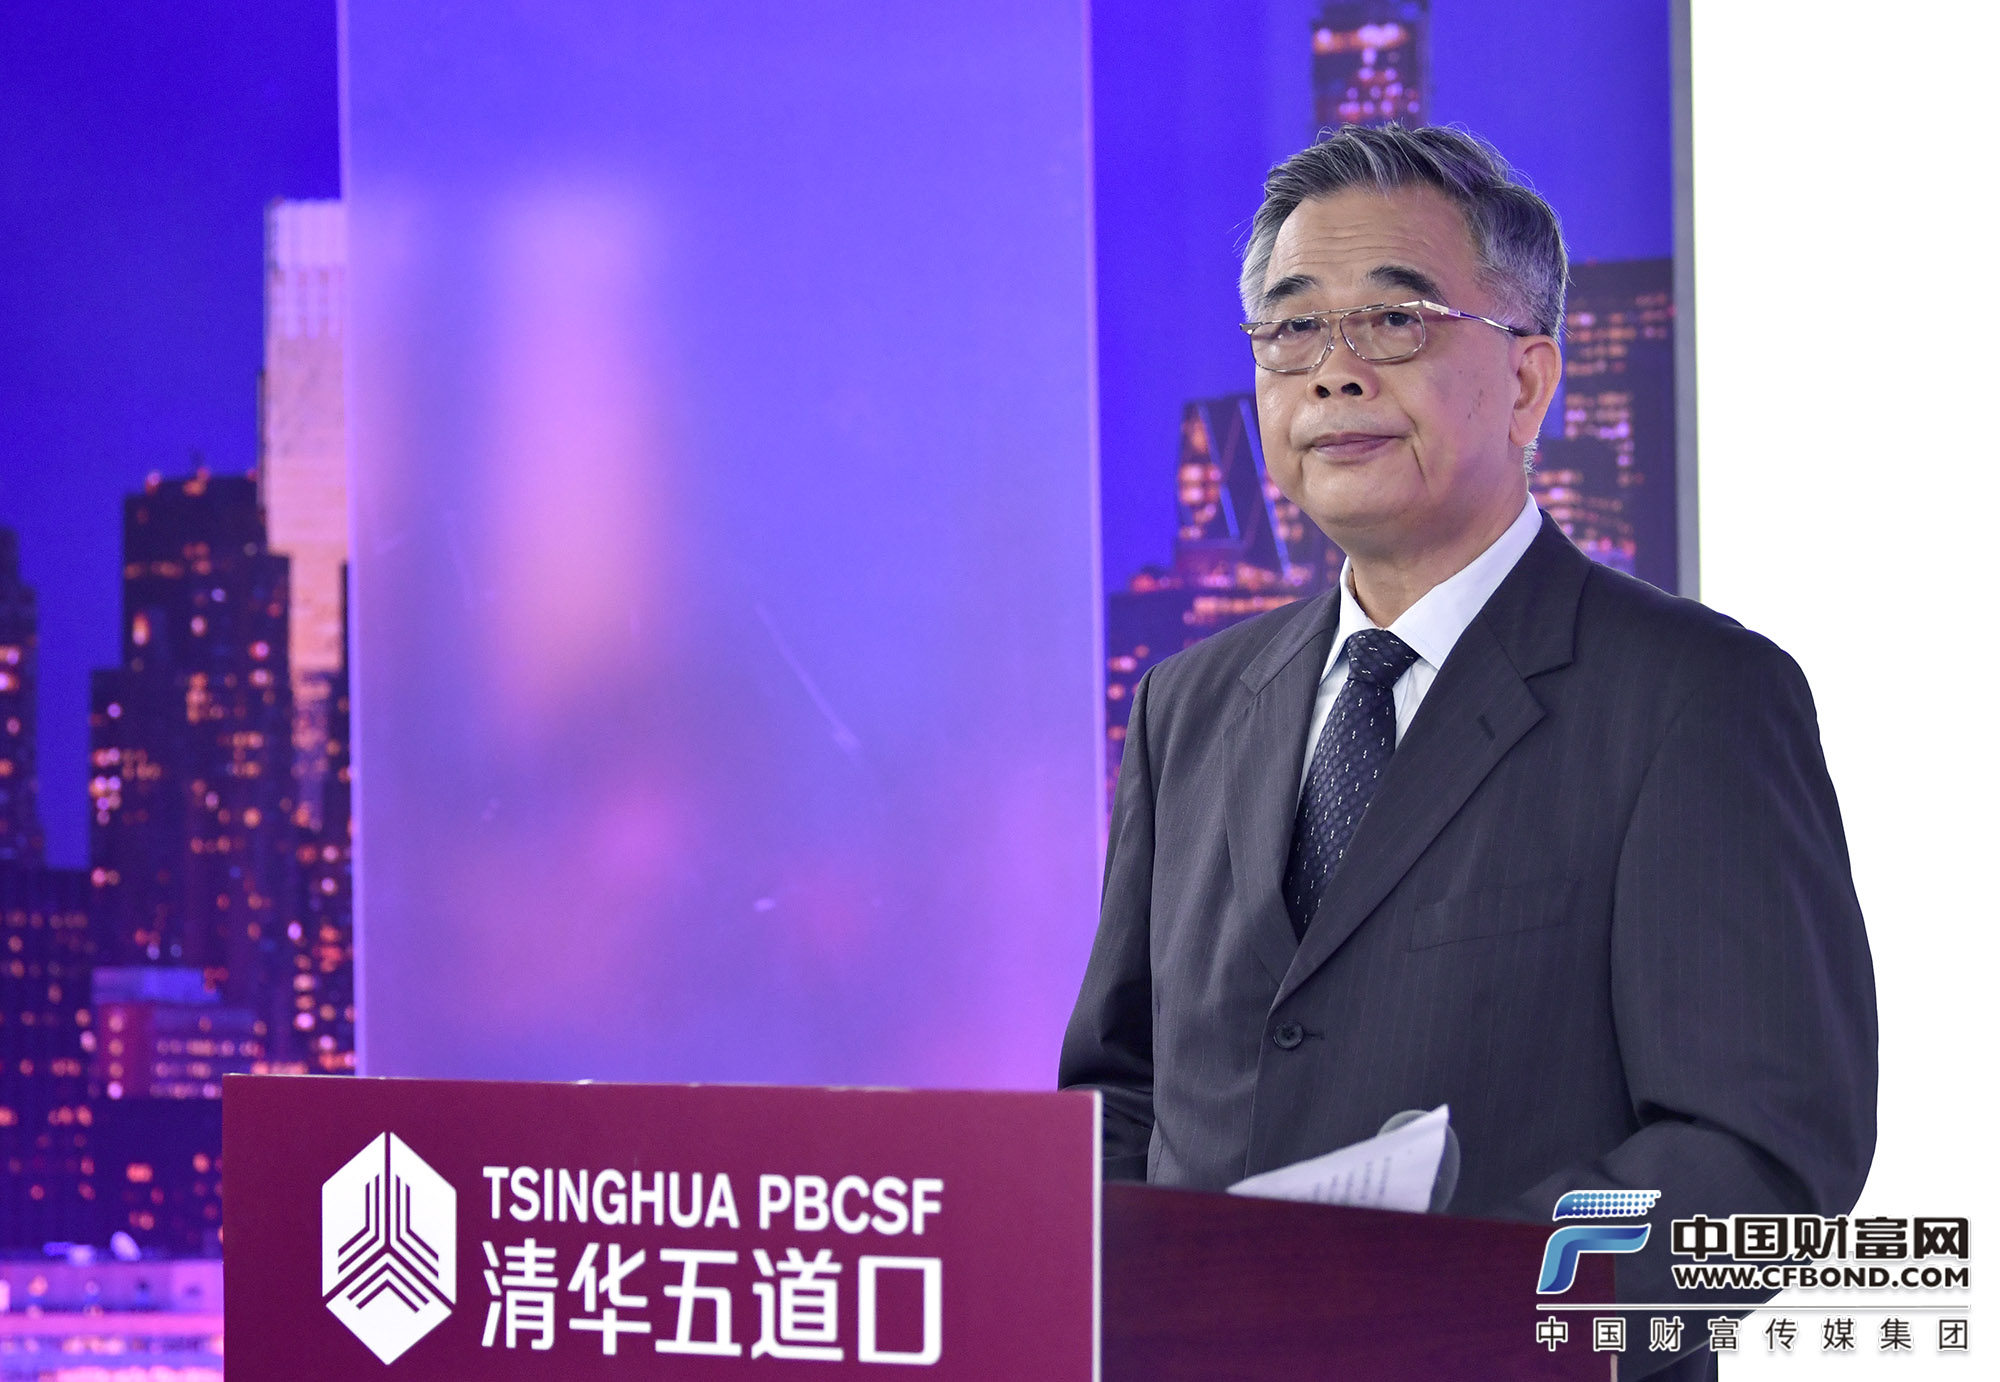 李东荣:数字金融并未改变金融的本质和风险属性